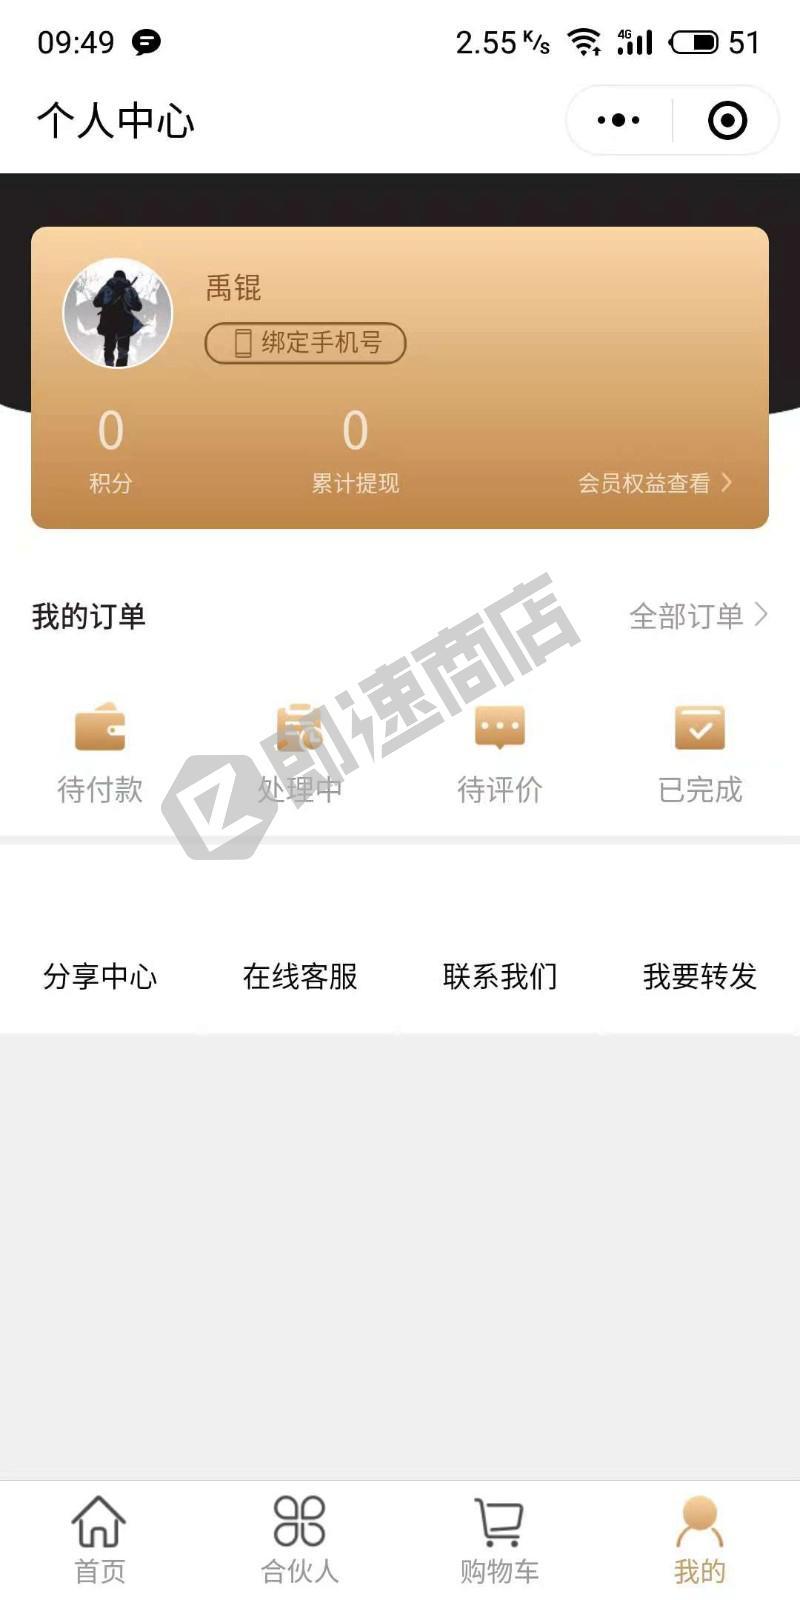 知委会小程序详情页截图